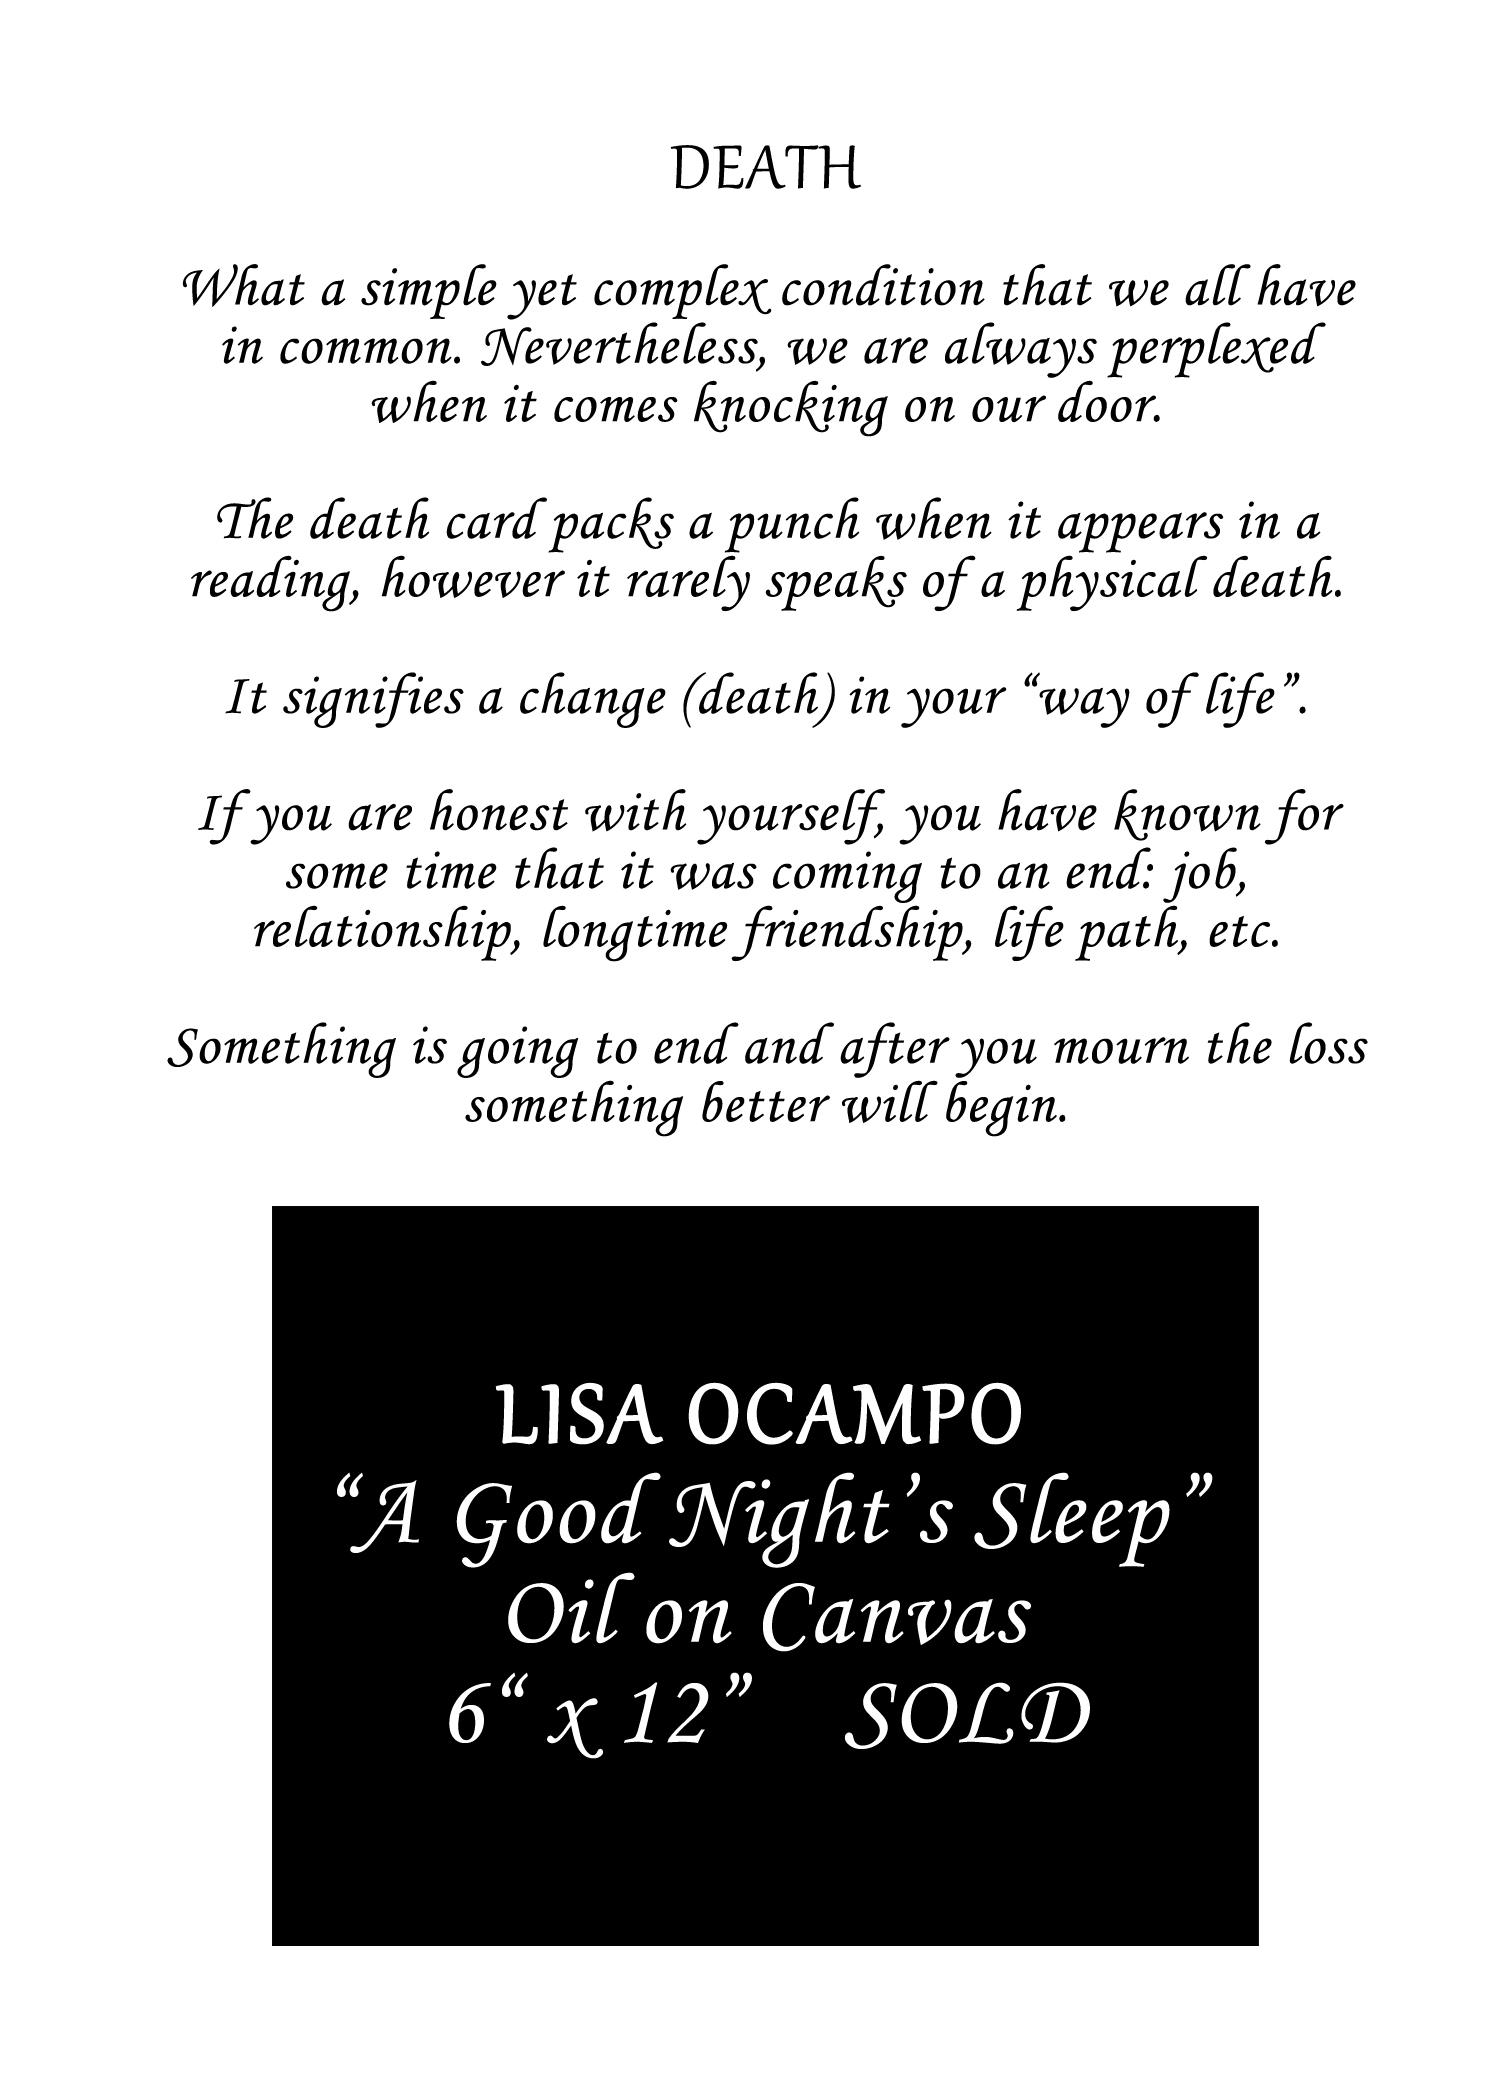 Lisa-Ocampo-A-Good-Nights-Sleep-Death-19.jpg